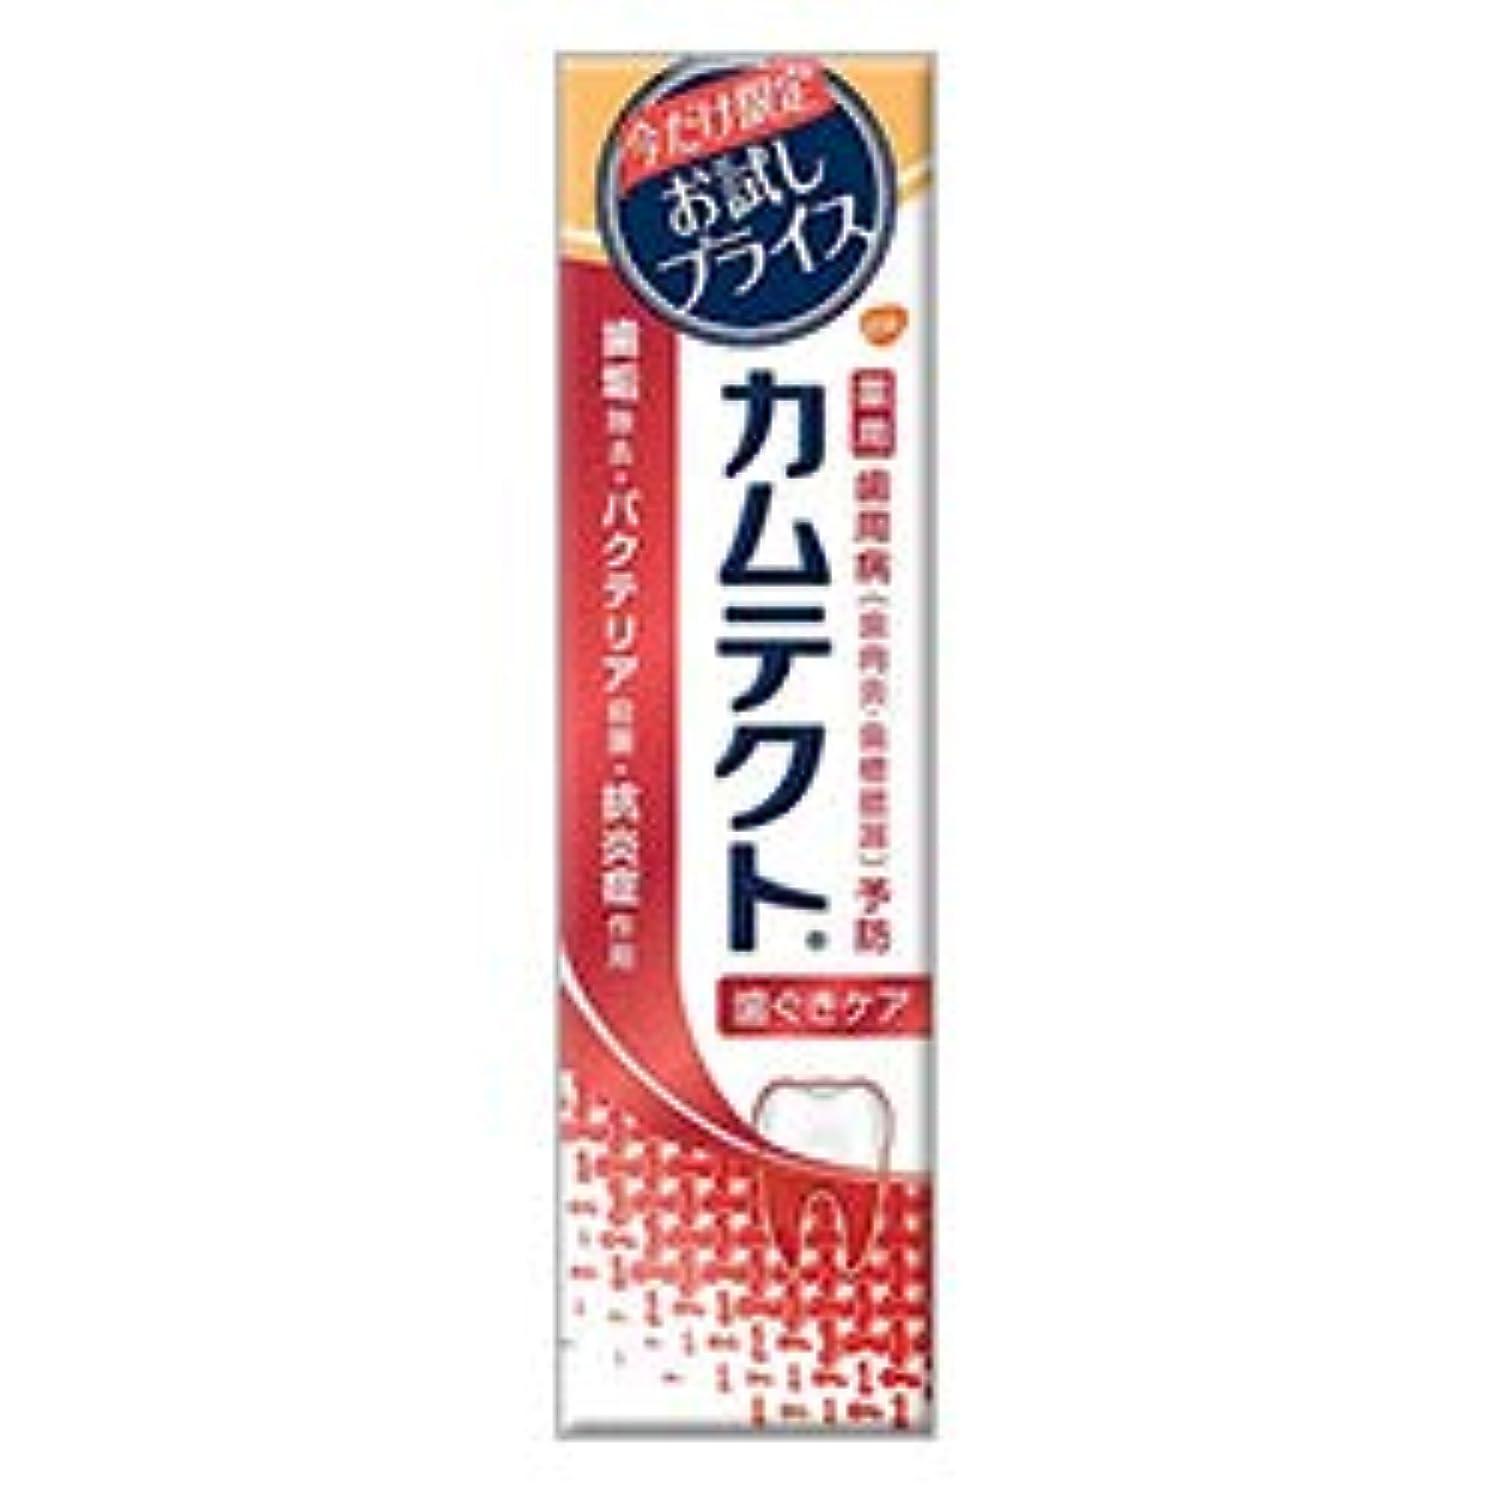 回答ブルーベルどういたしまして【アース製薬】カムテクト 歯ぐきケア 限定お試し版 105g [医薬部外品] ×5個セット